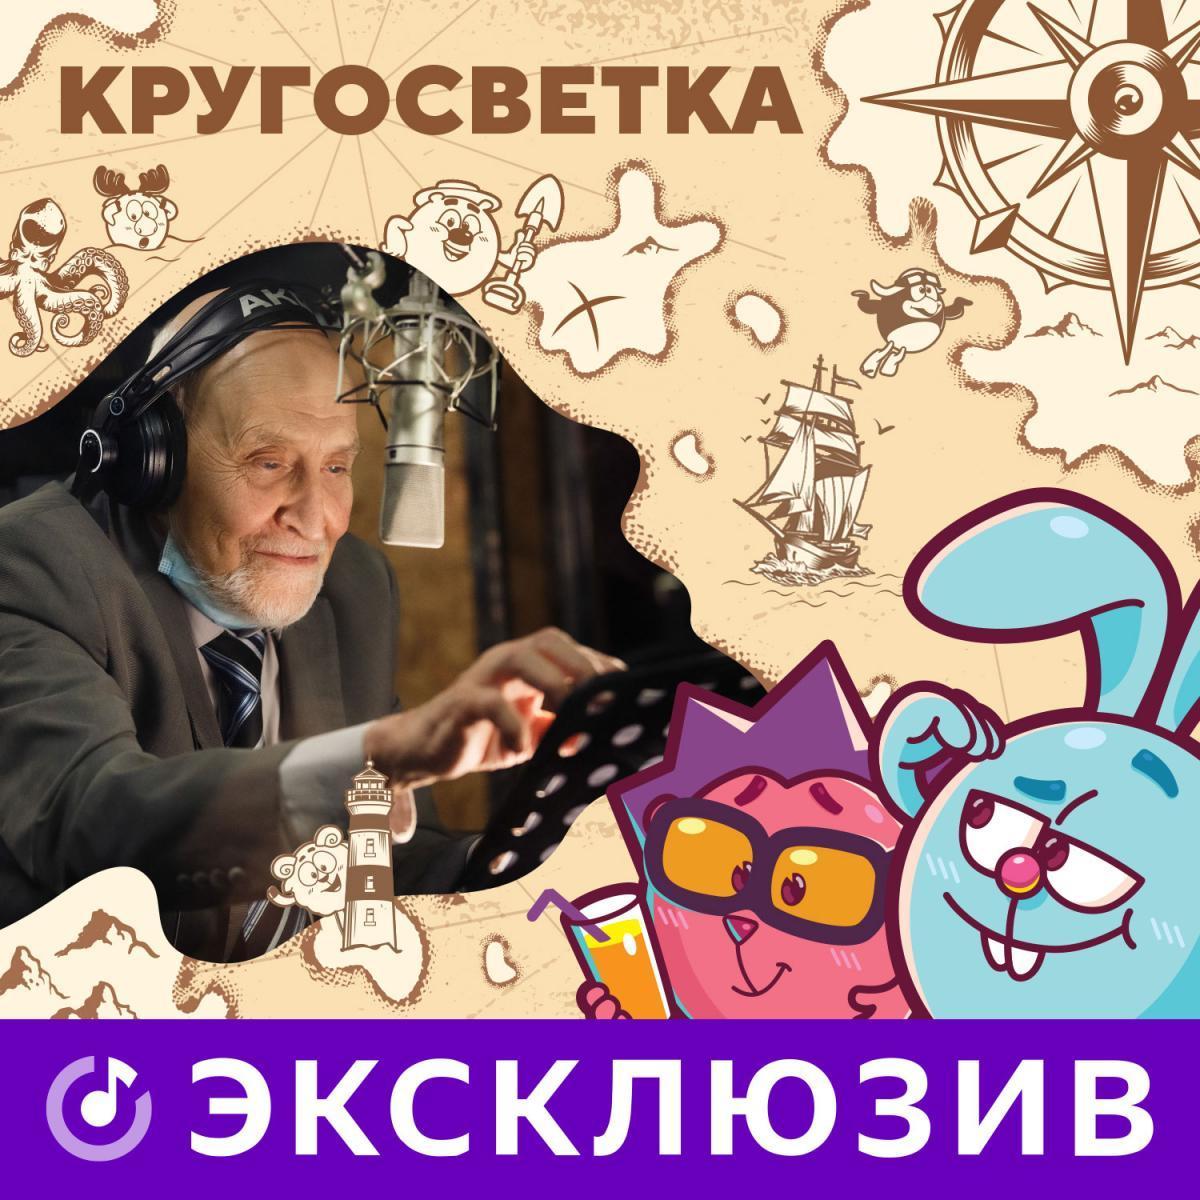 Николай Дроздов и Евгения Тимонова в новых подкастах со Смешариками